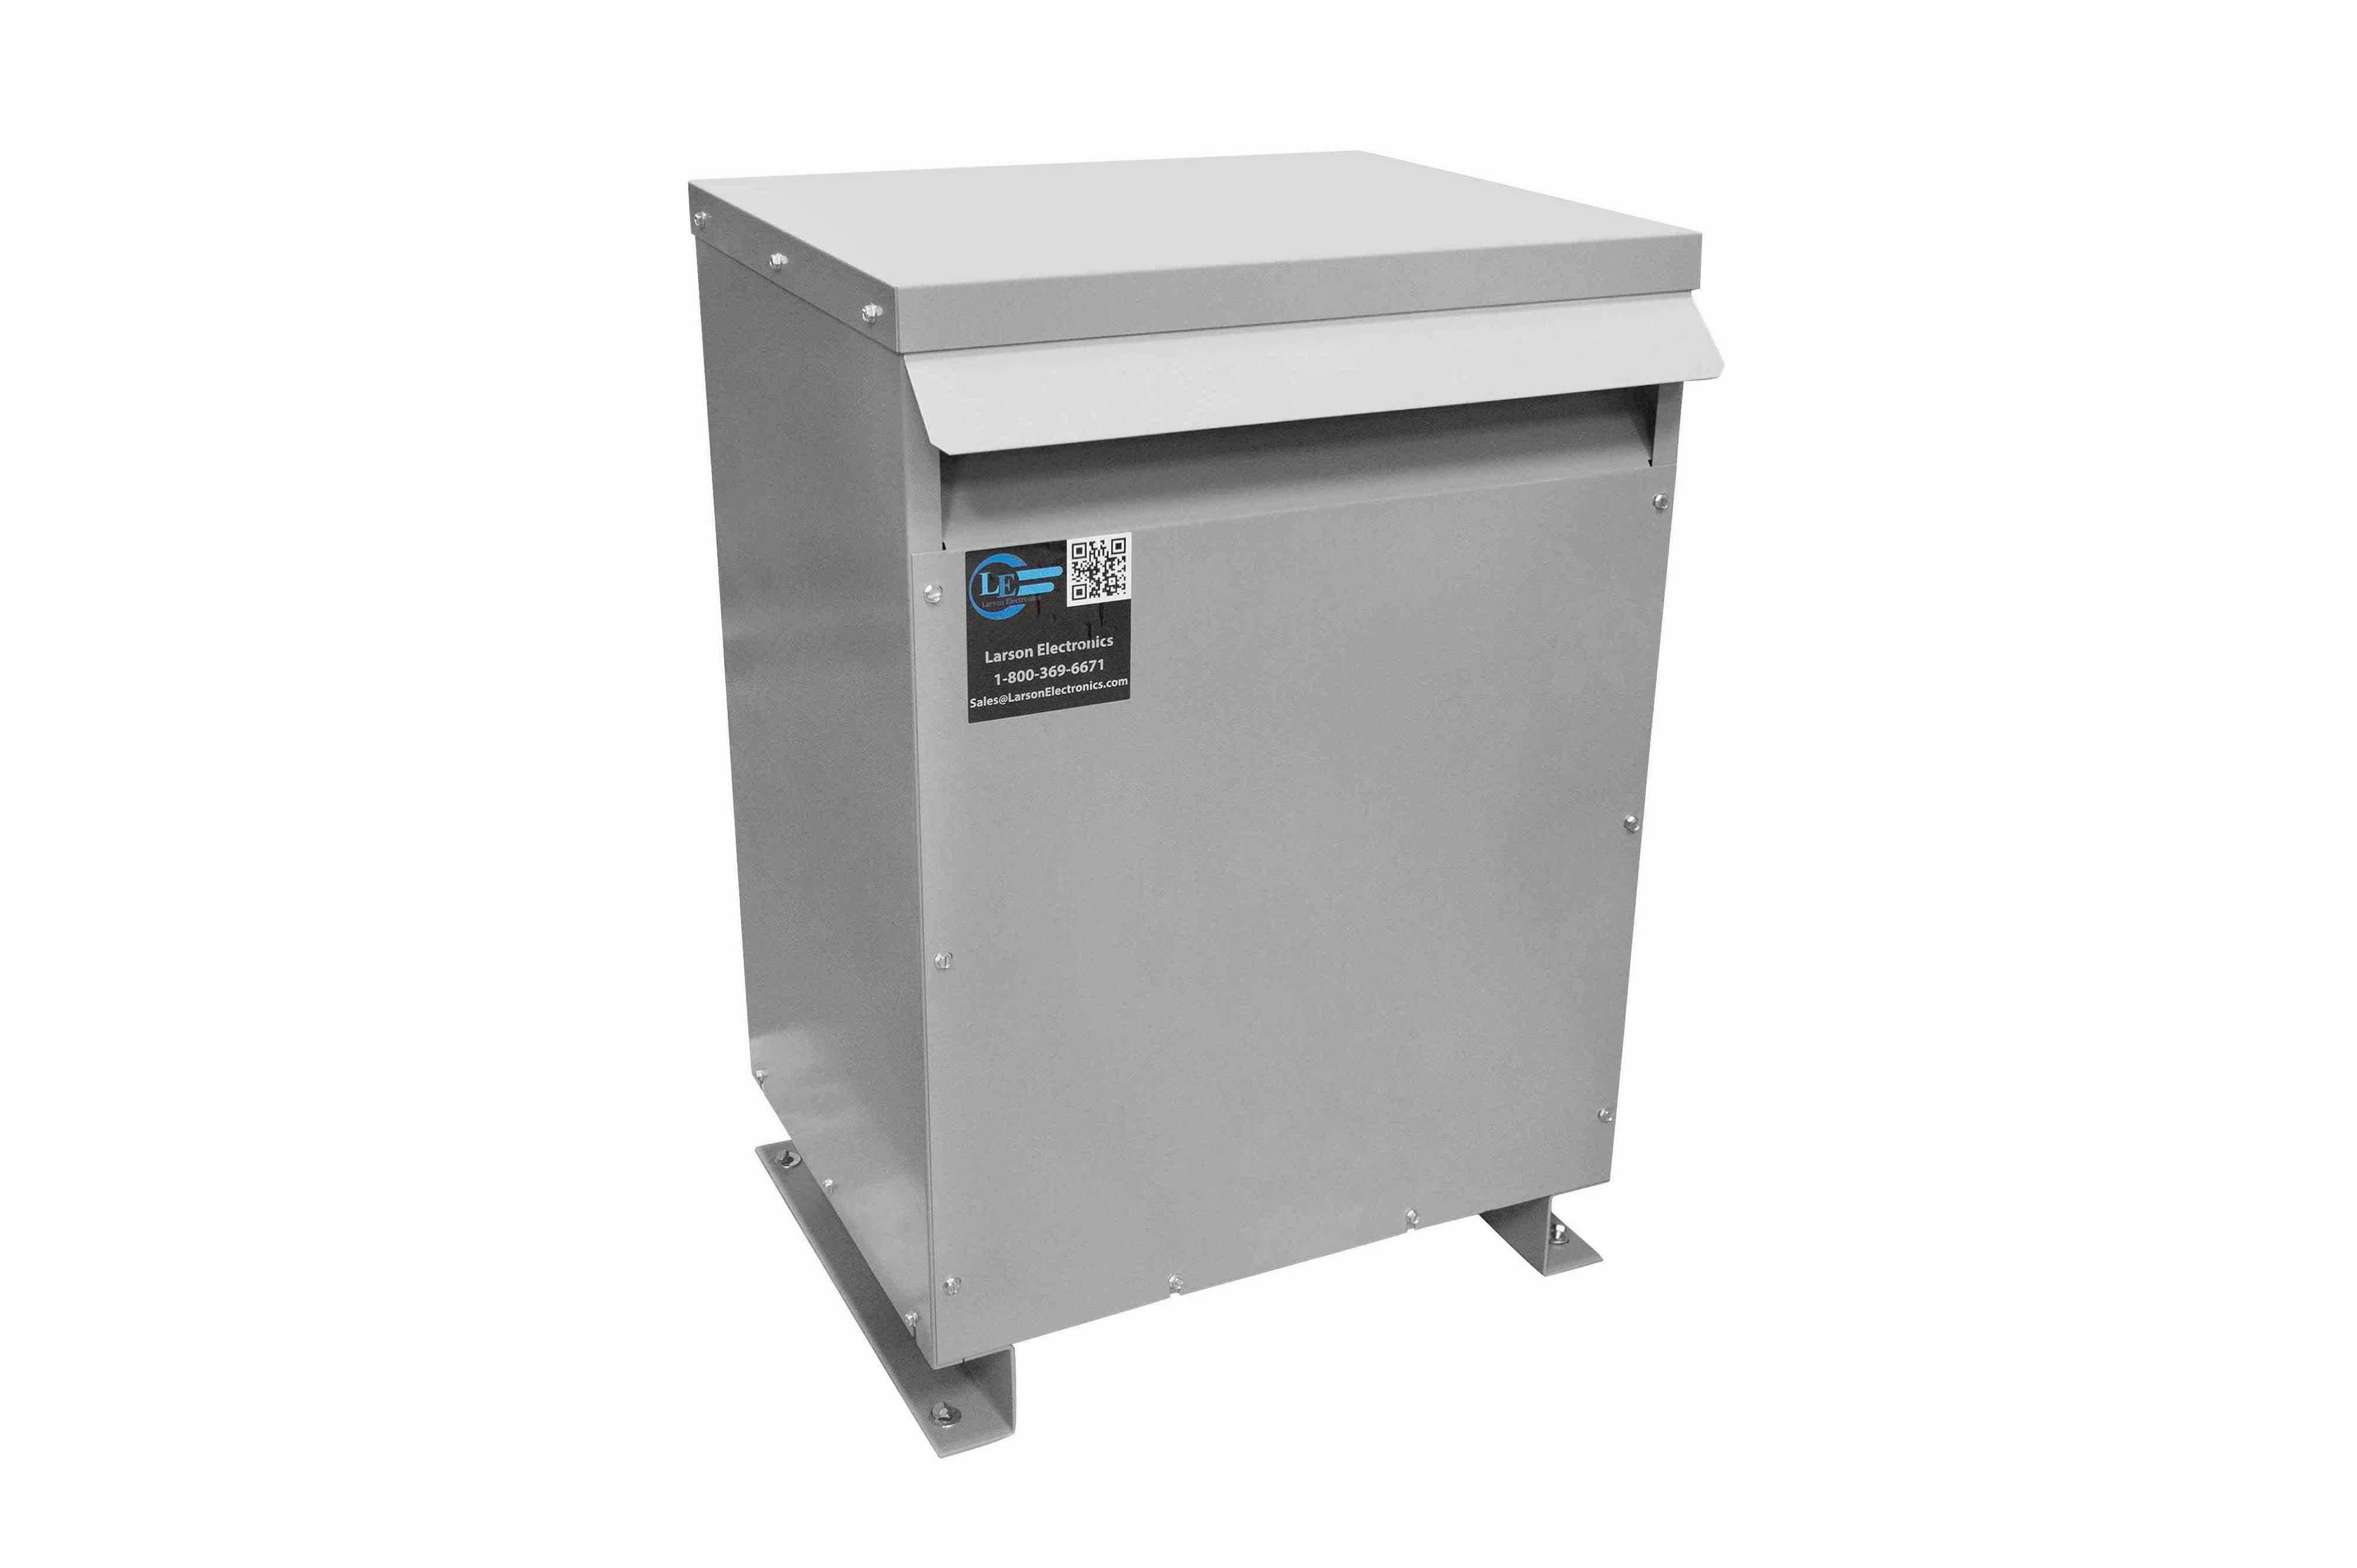 275 kVA 3PH Isolation Transformer, 208V Delta Primary, 415V Delta Secondary, N3R, Ventilated, 60 Hz